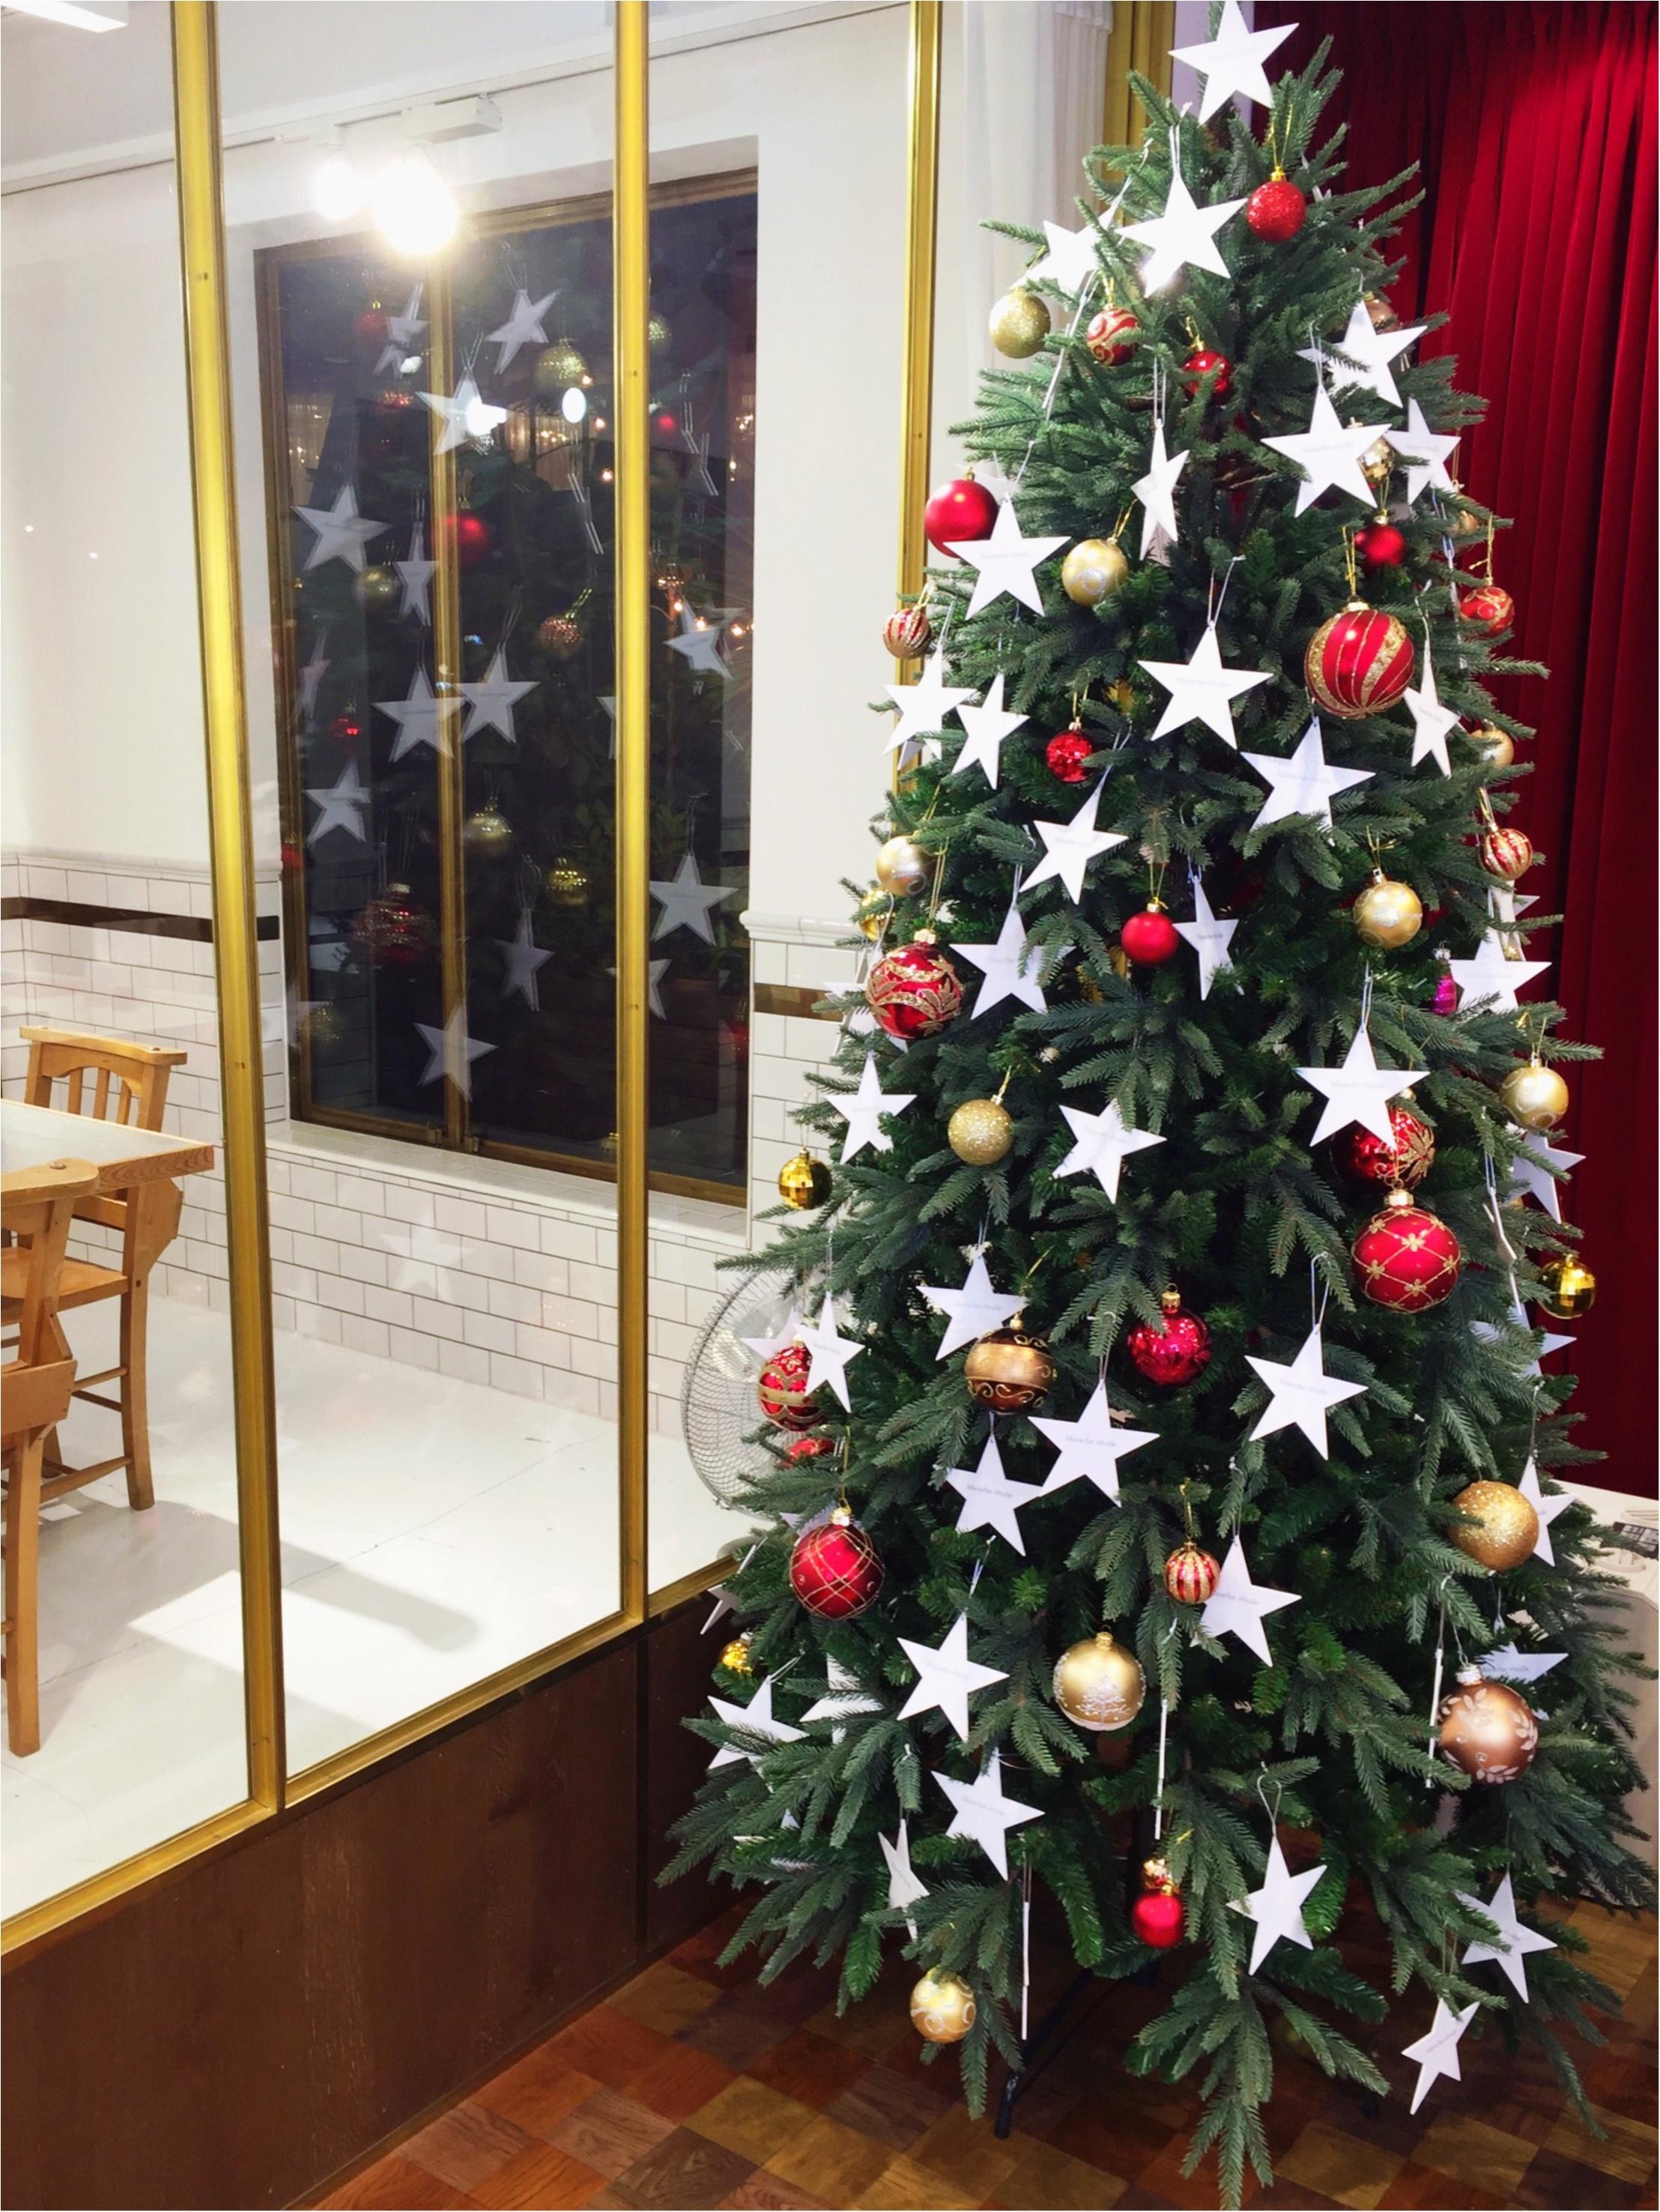 クリスマスプレゼントはブランエトワールで!今ならマサルさんからの素敵すぎるクリスマスプレゼントがもらえちゃう★_1